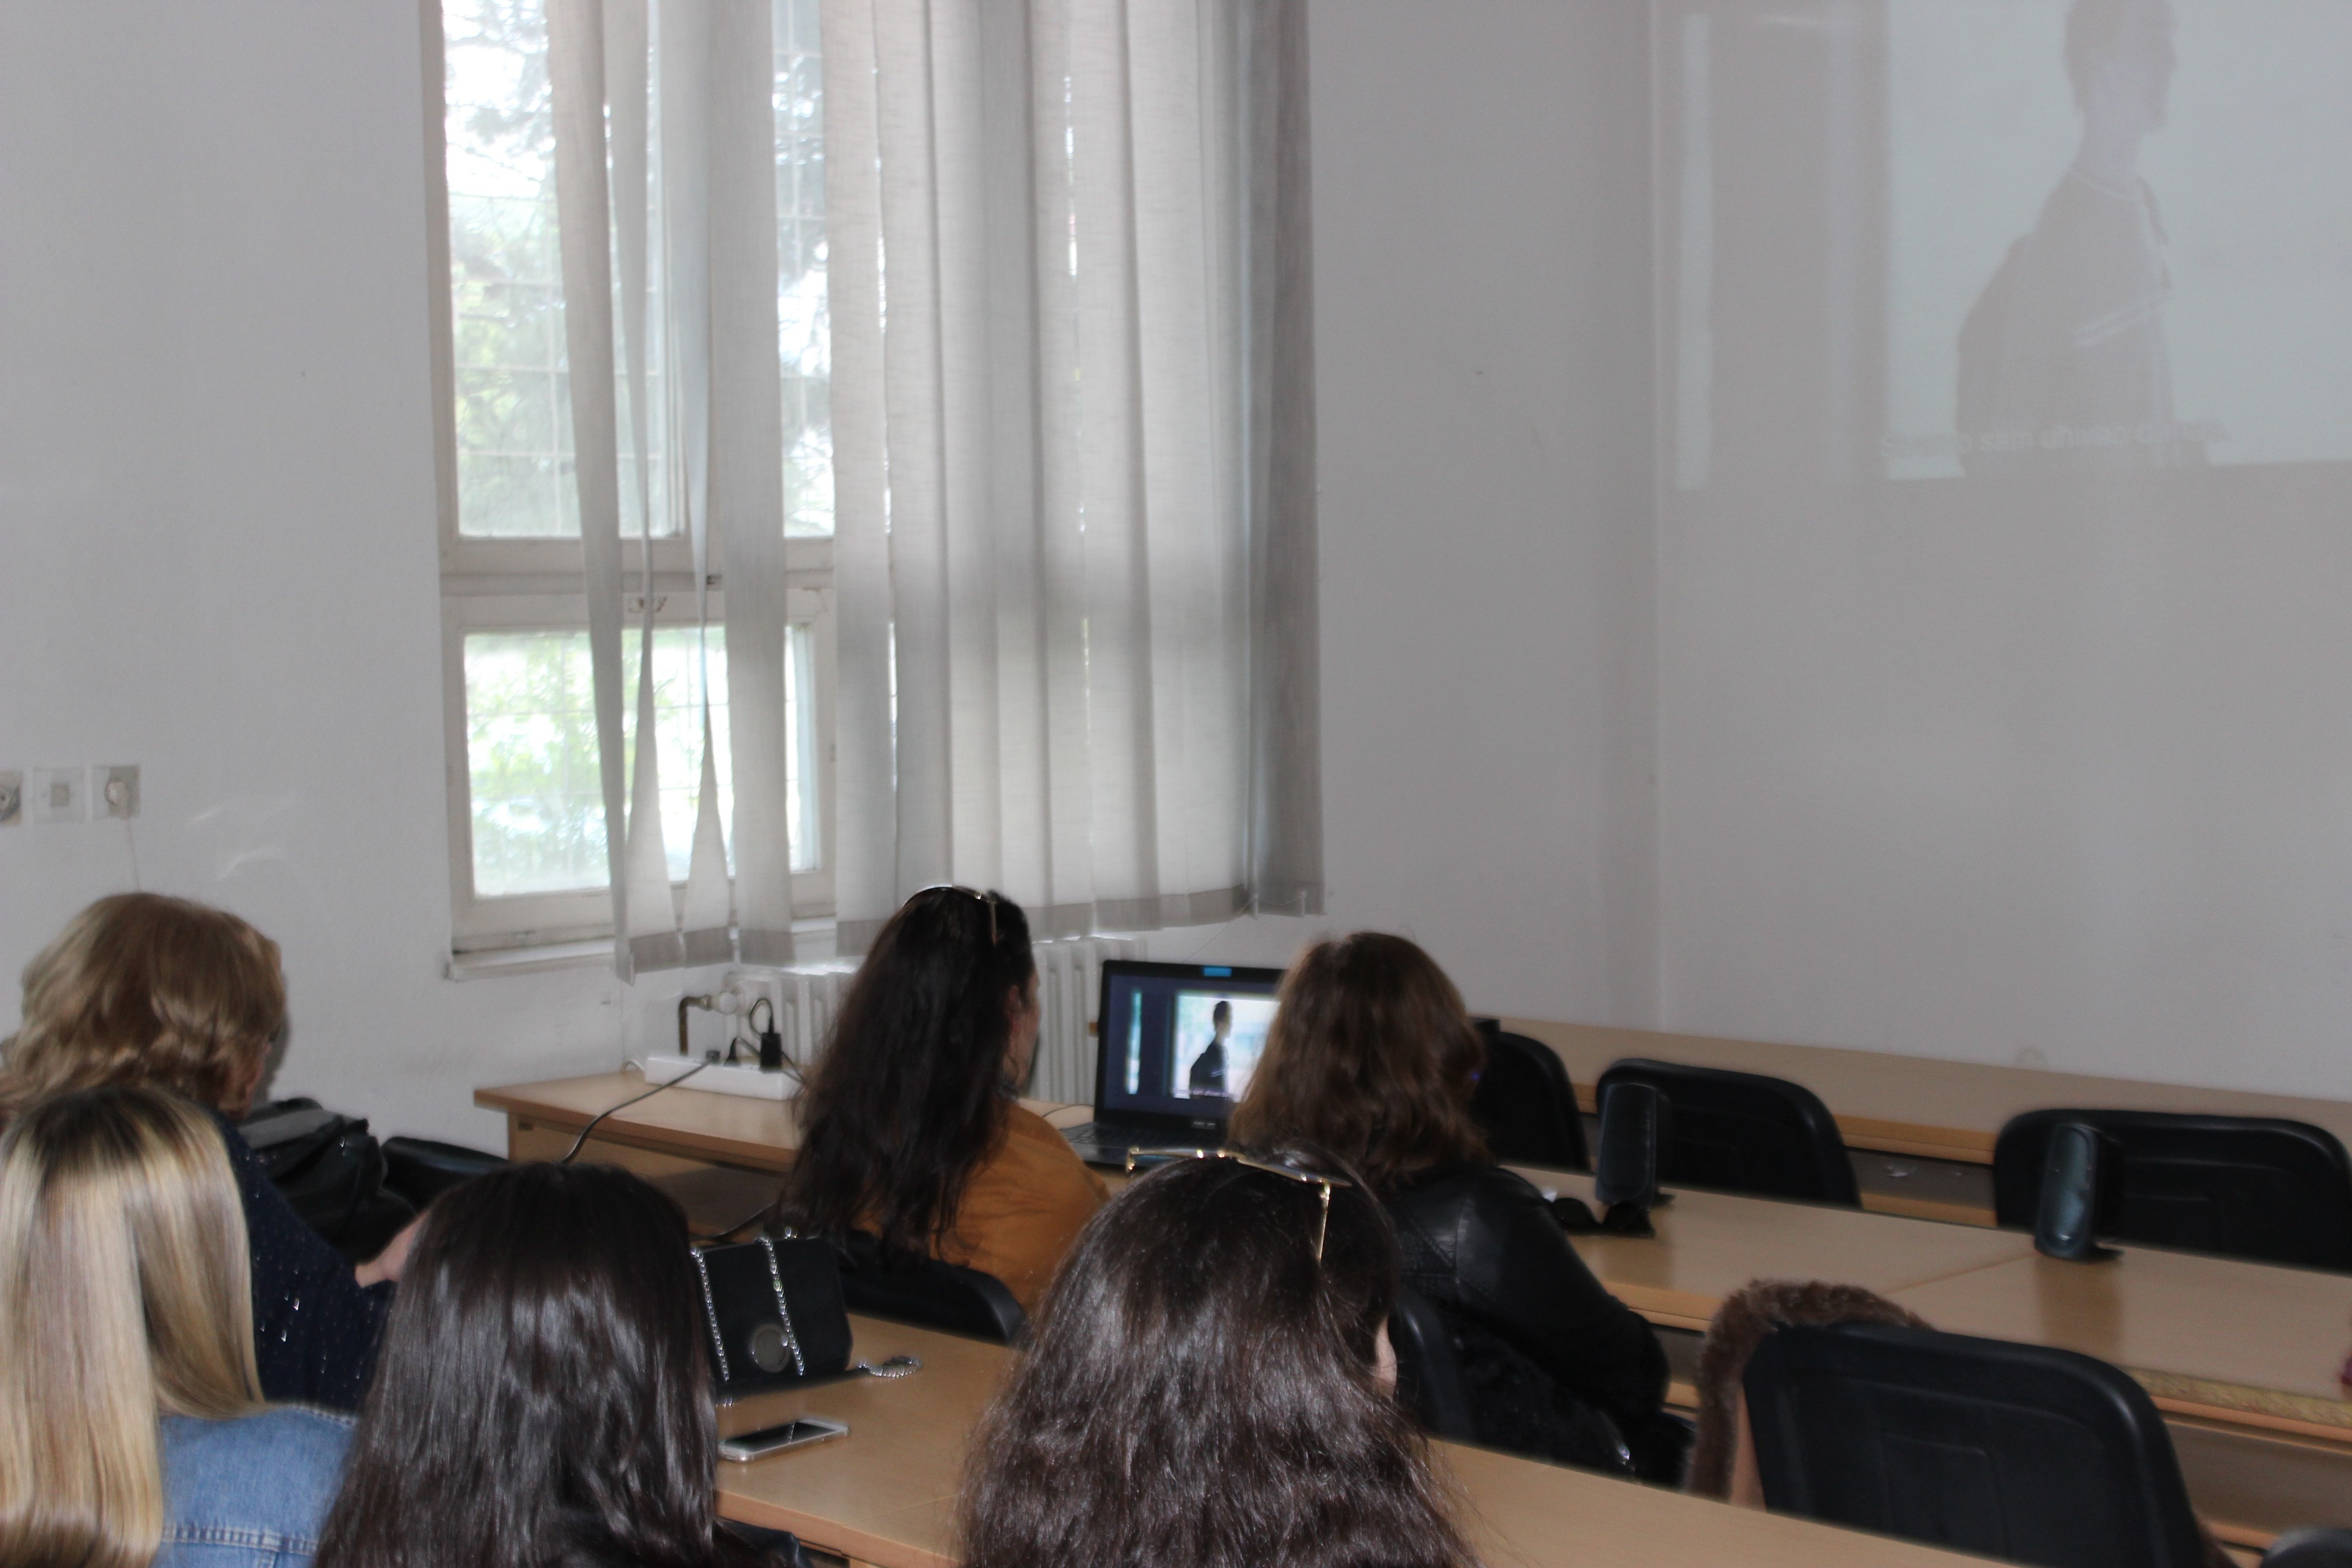 """Проекција на филмот """"Die Welle"""" на четвртата сесија од школата"""